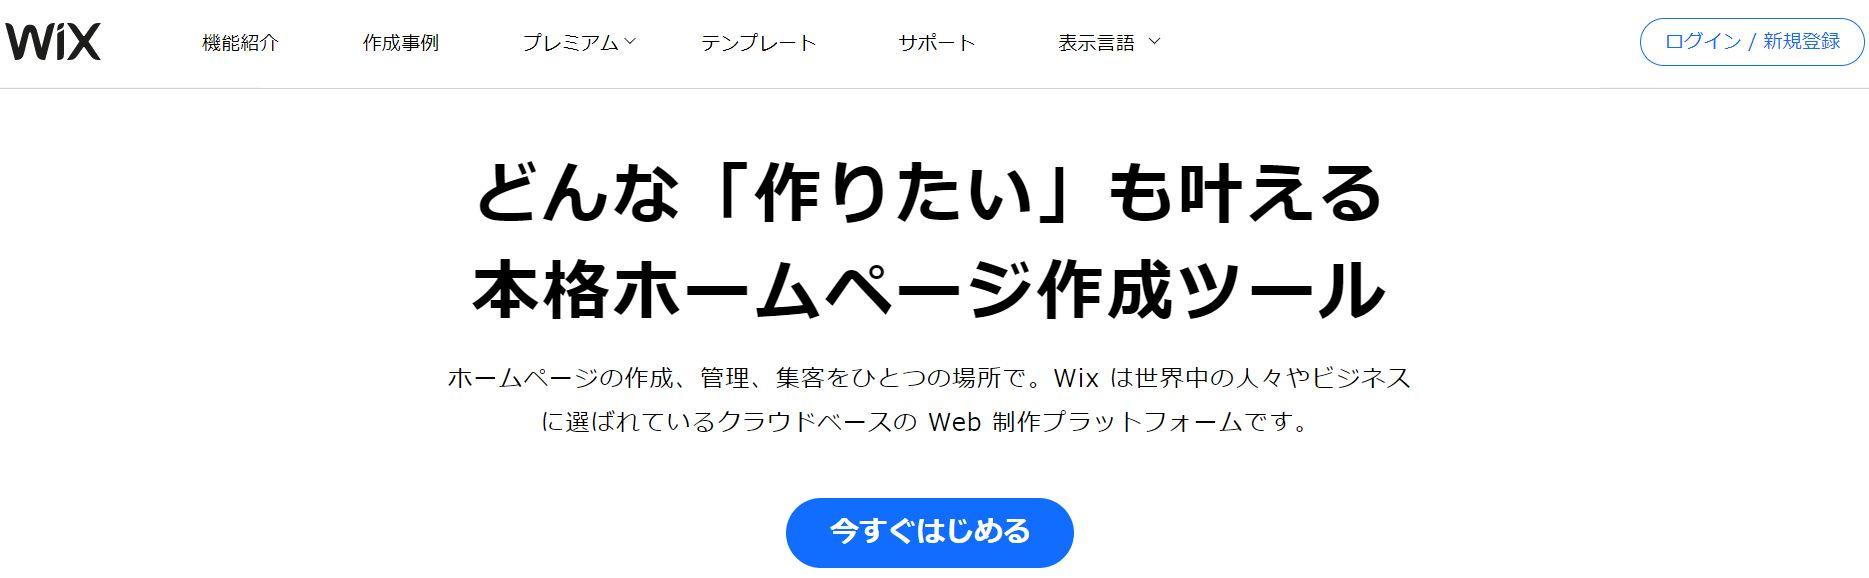 Wix公式ページ